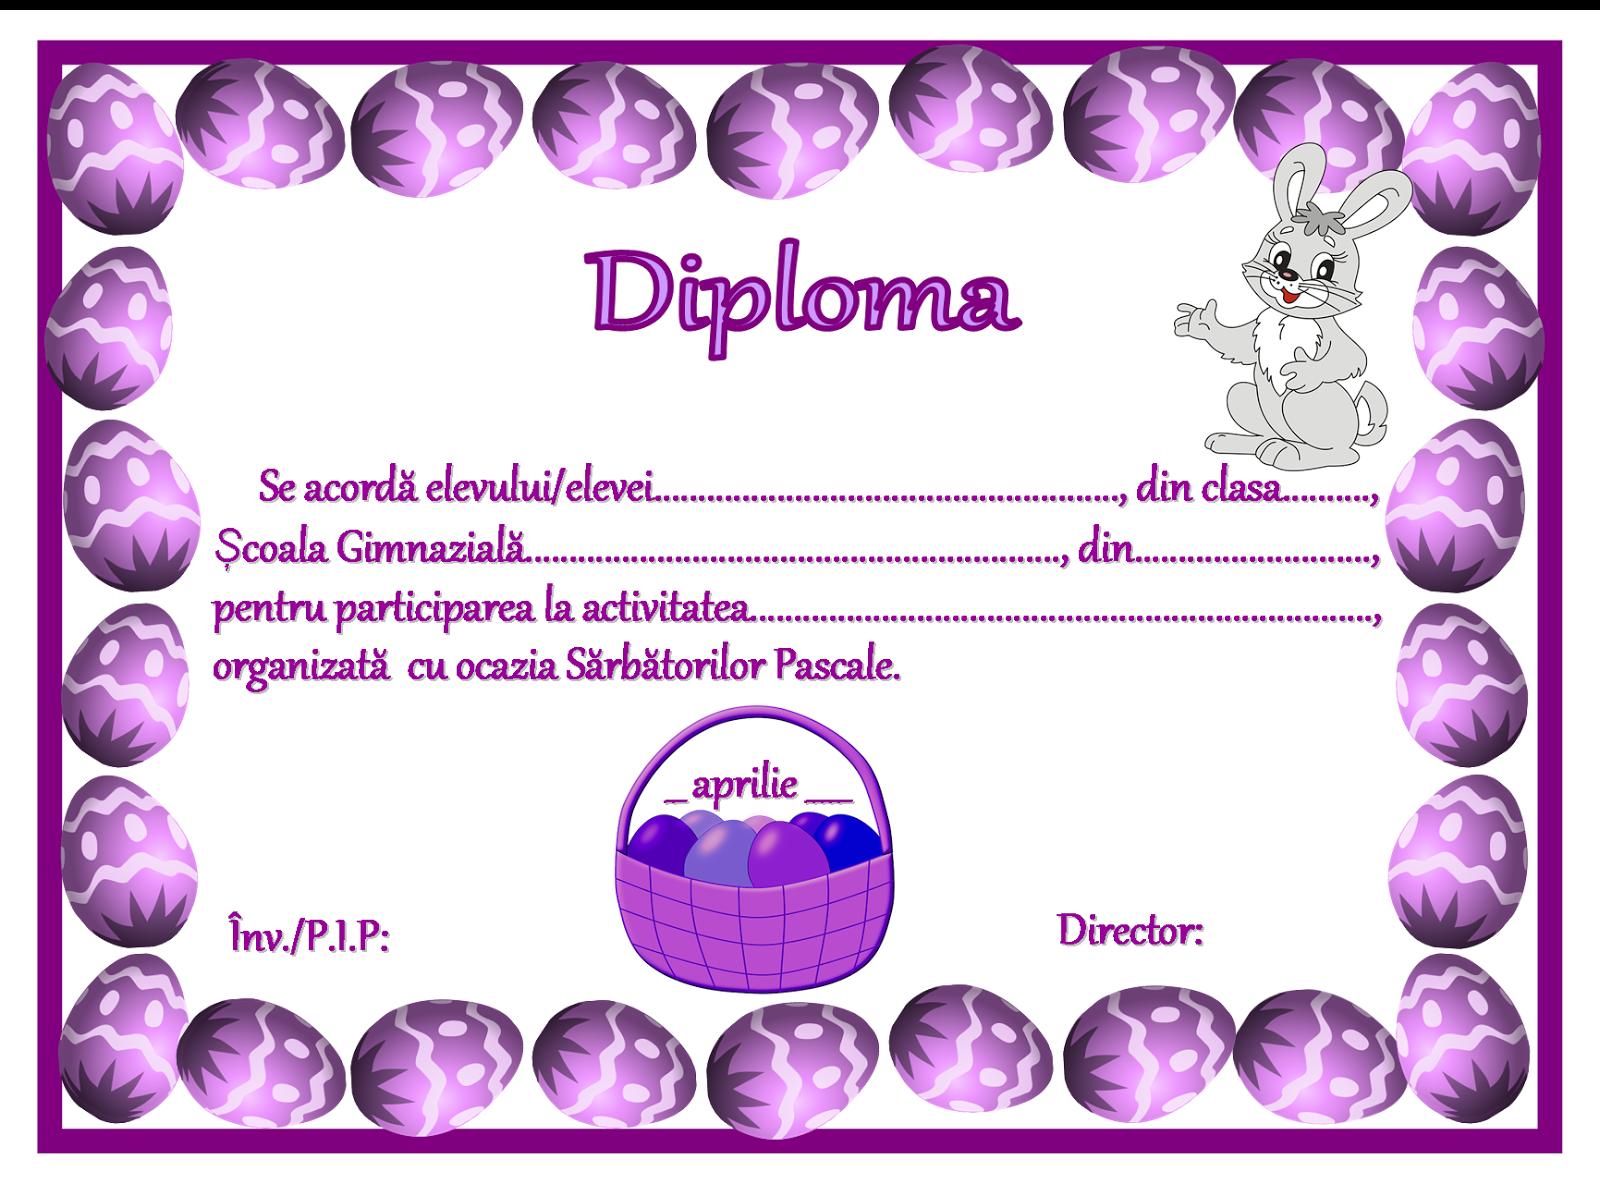 Diplomă de Paște